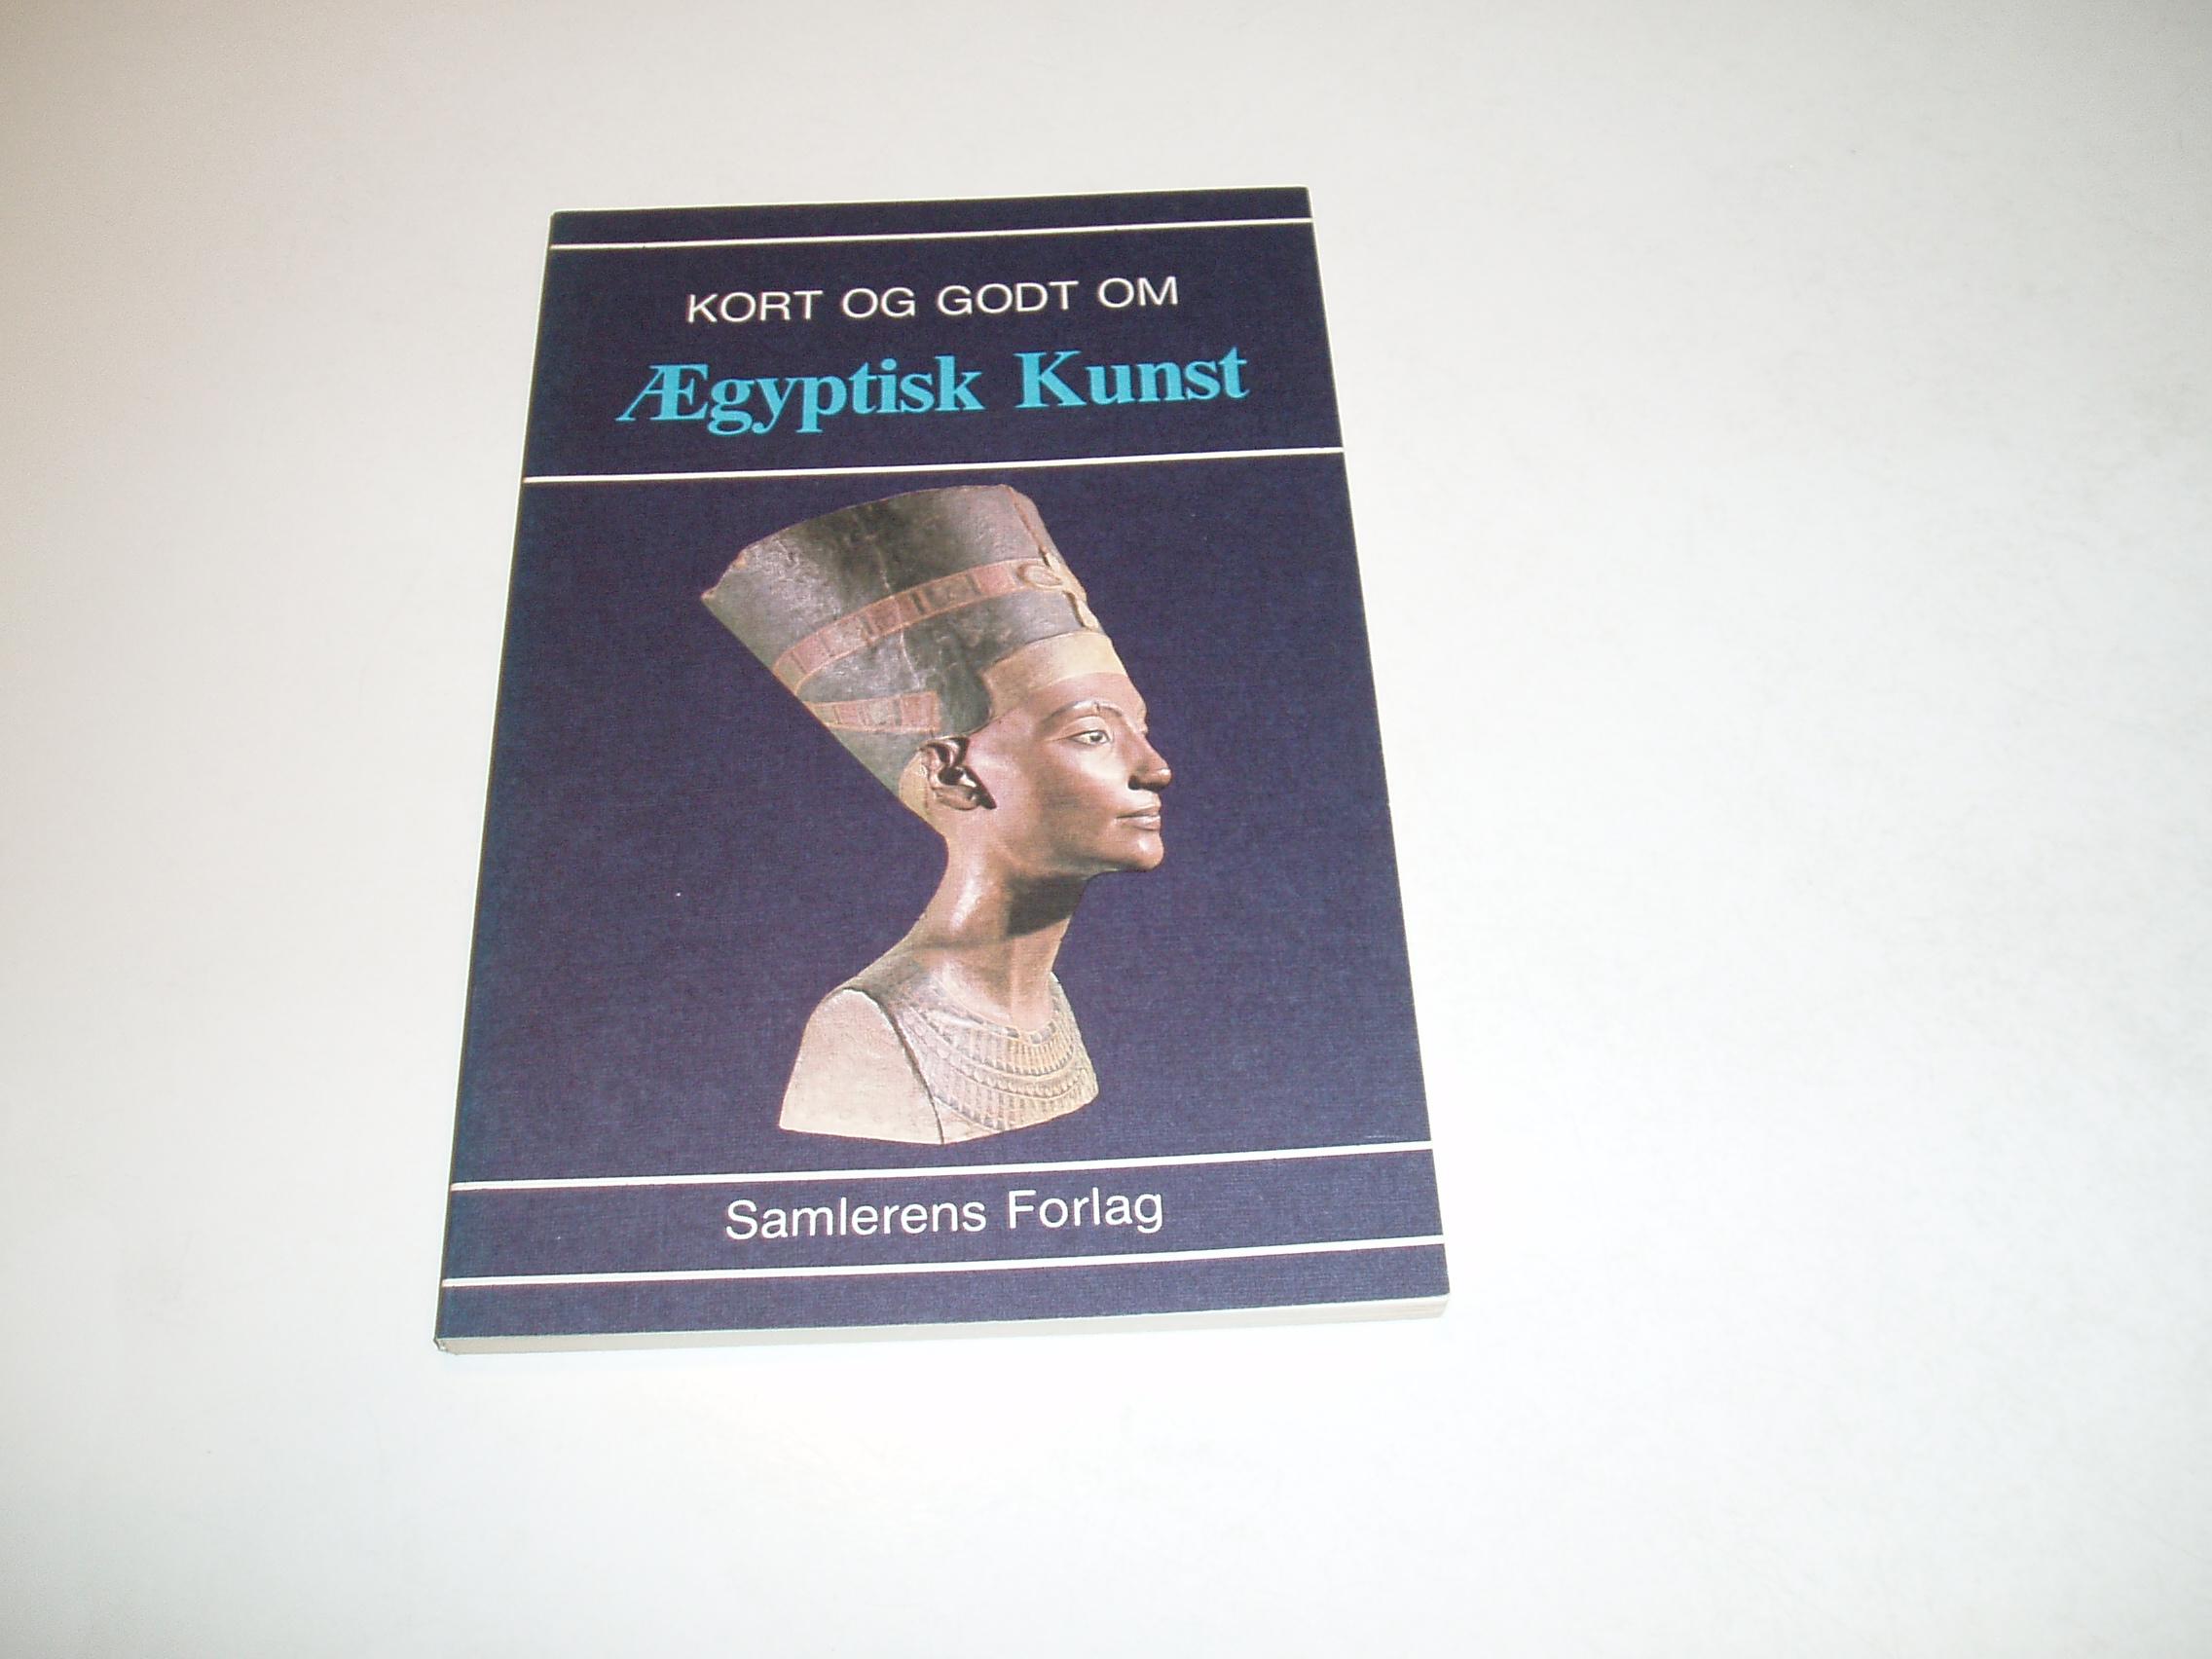 Kort og godt om ægyptisk kunst